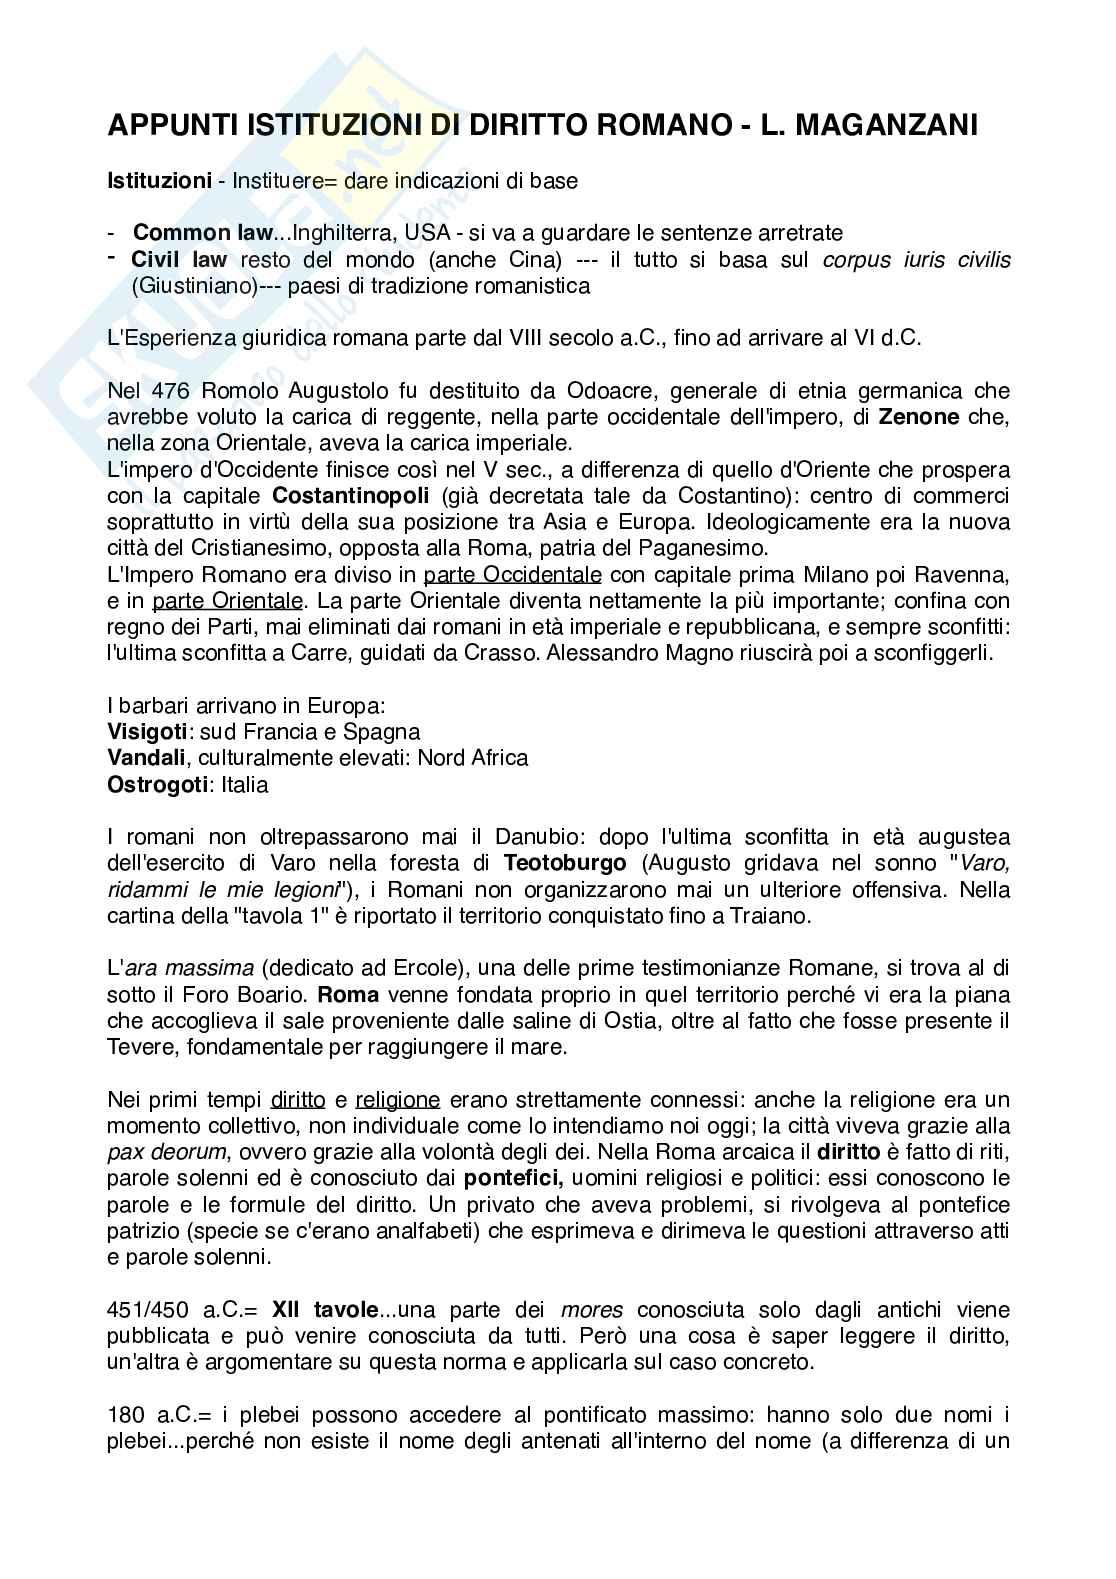 Appunti - Istituzioni di Diritto Romano (L. Maganzani)